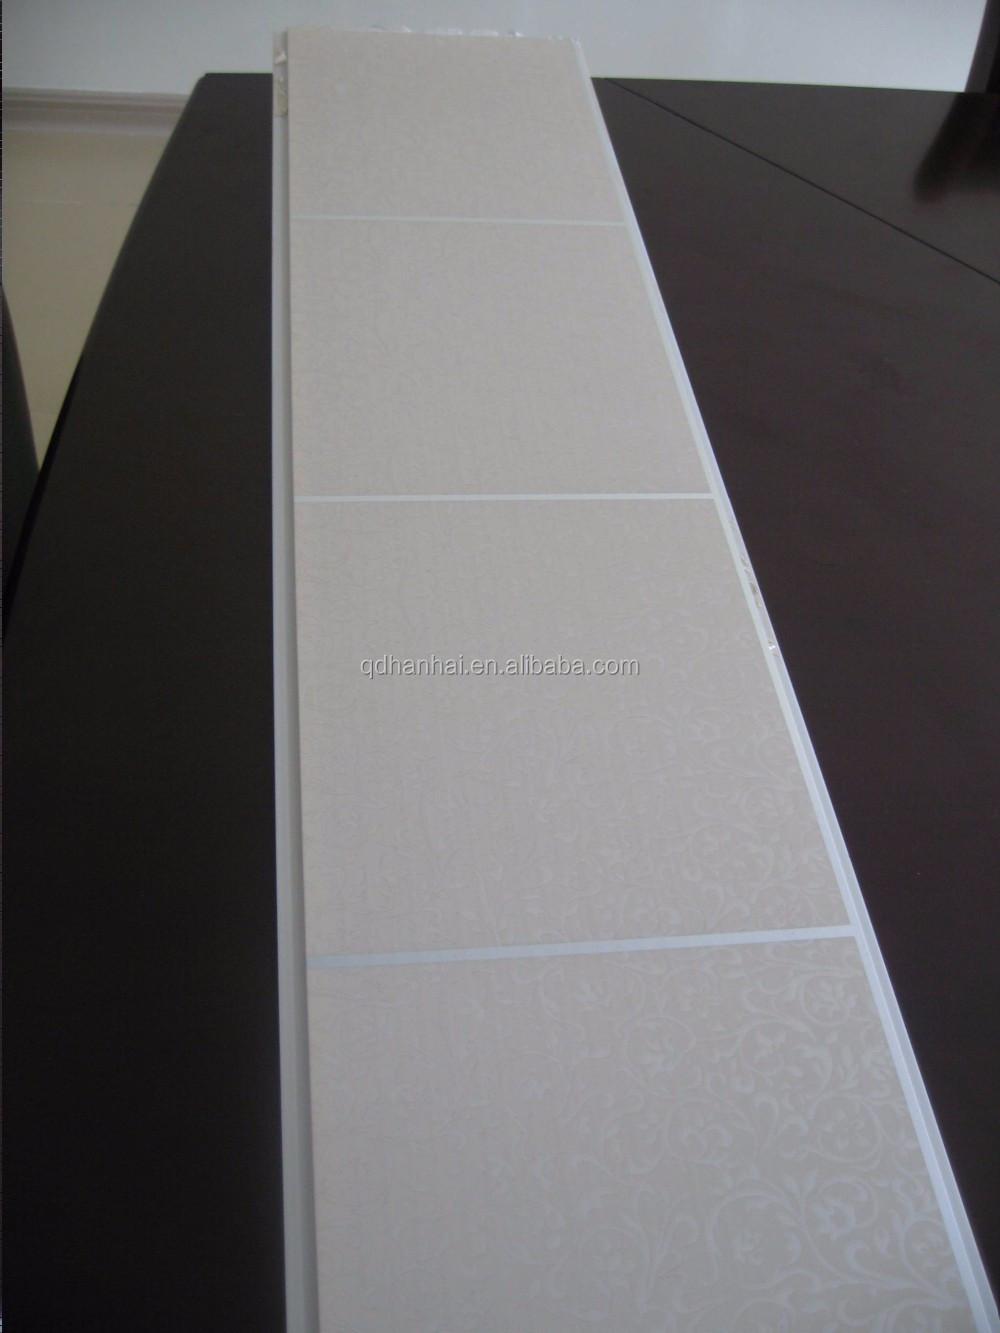 Kunststoff Holz Sägemehl bord der maschine WPC PVC tür